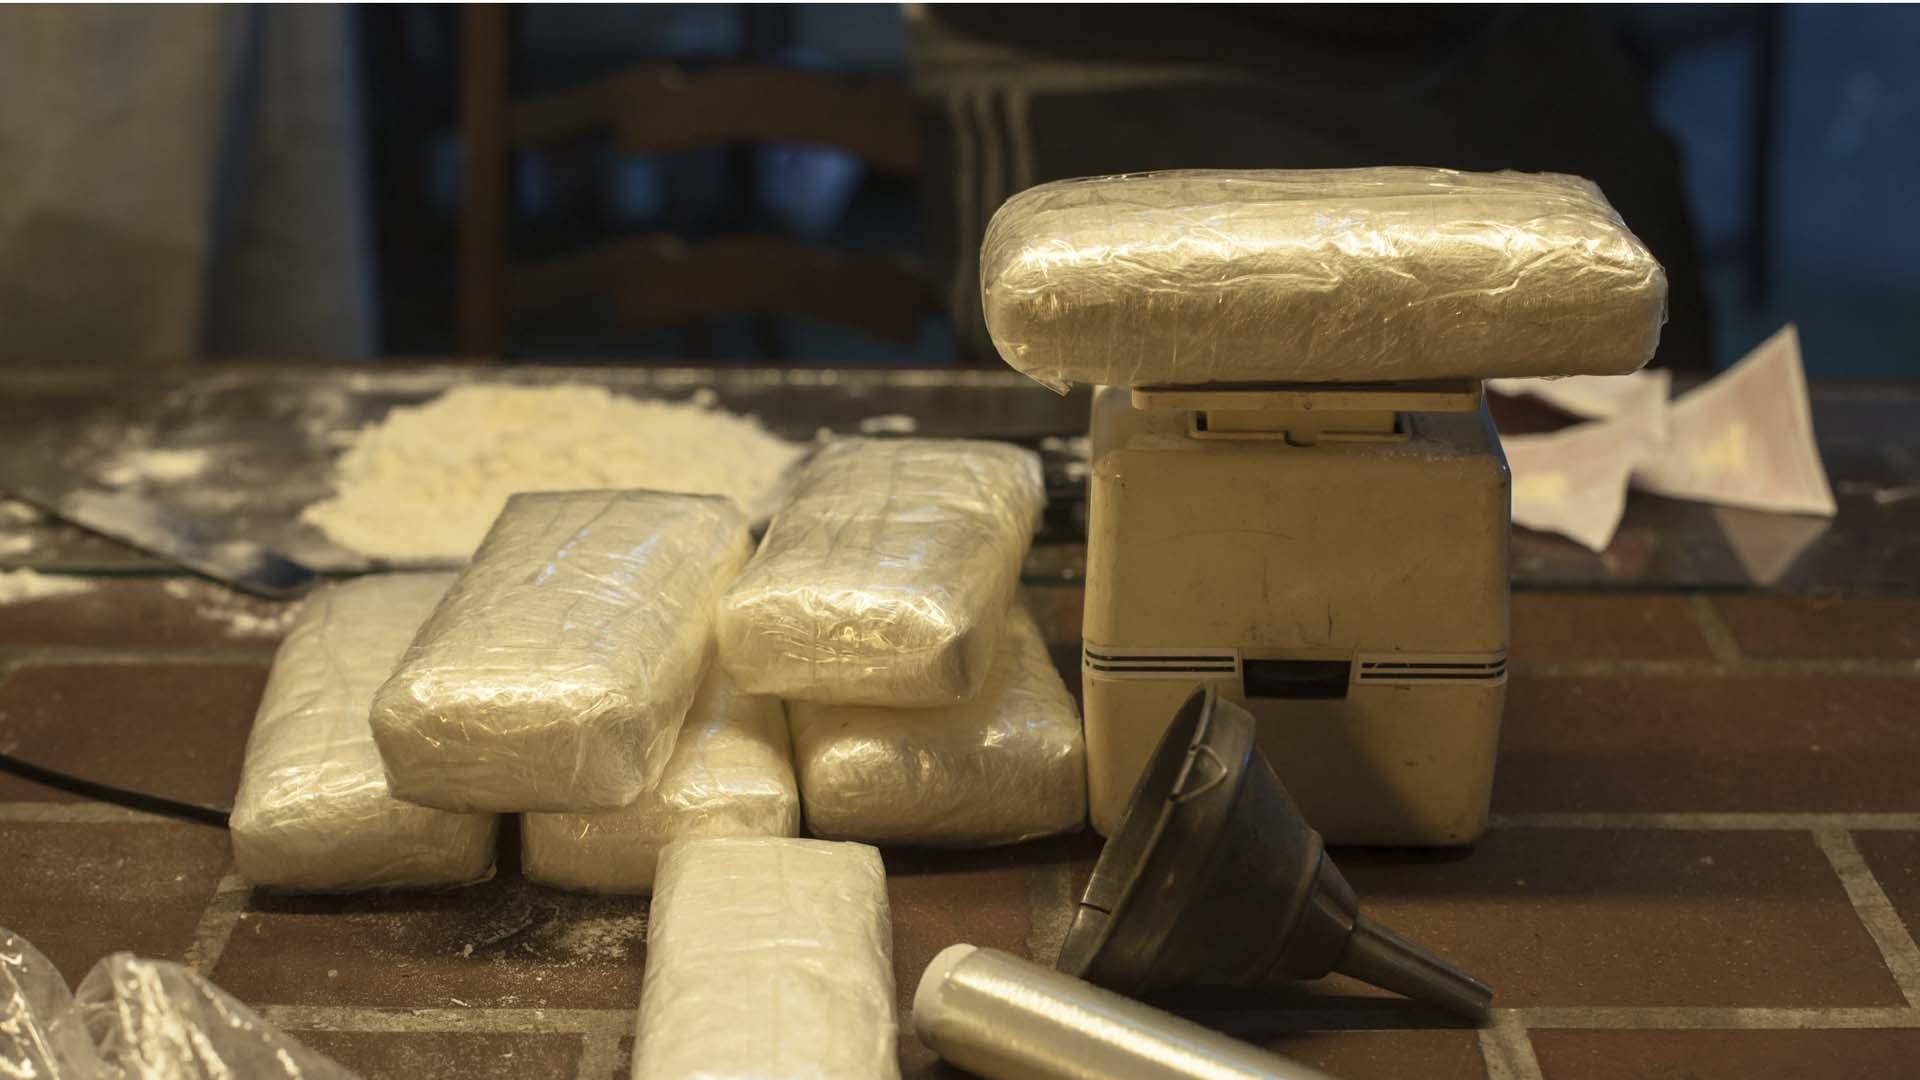 Policía Judicial de Colombia dirigió dos operaciones en donde recuperaron aproximadamente una tonelada de la droga